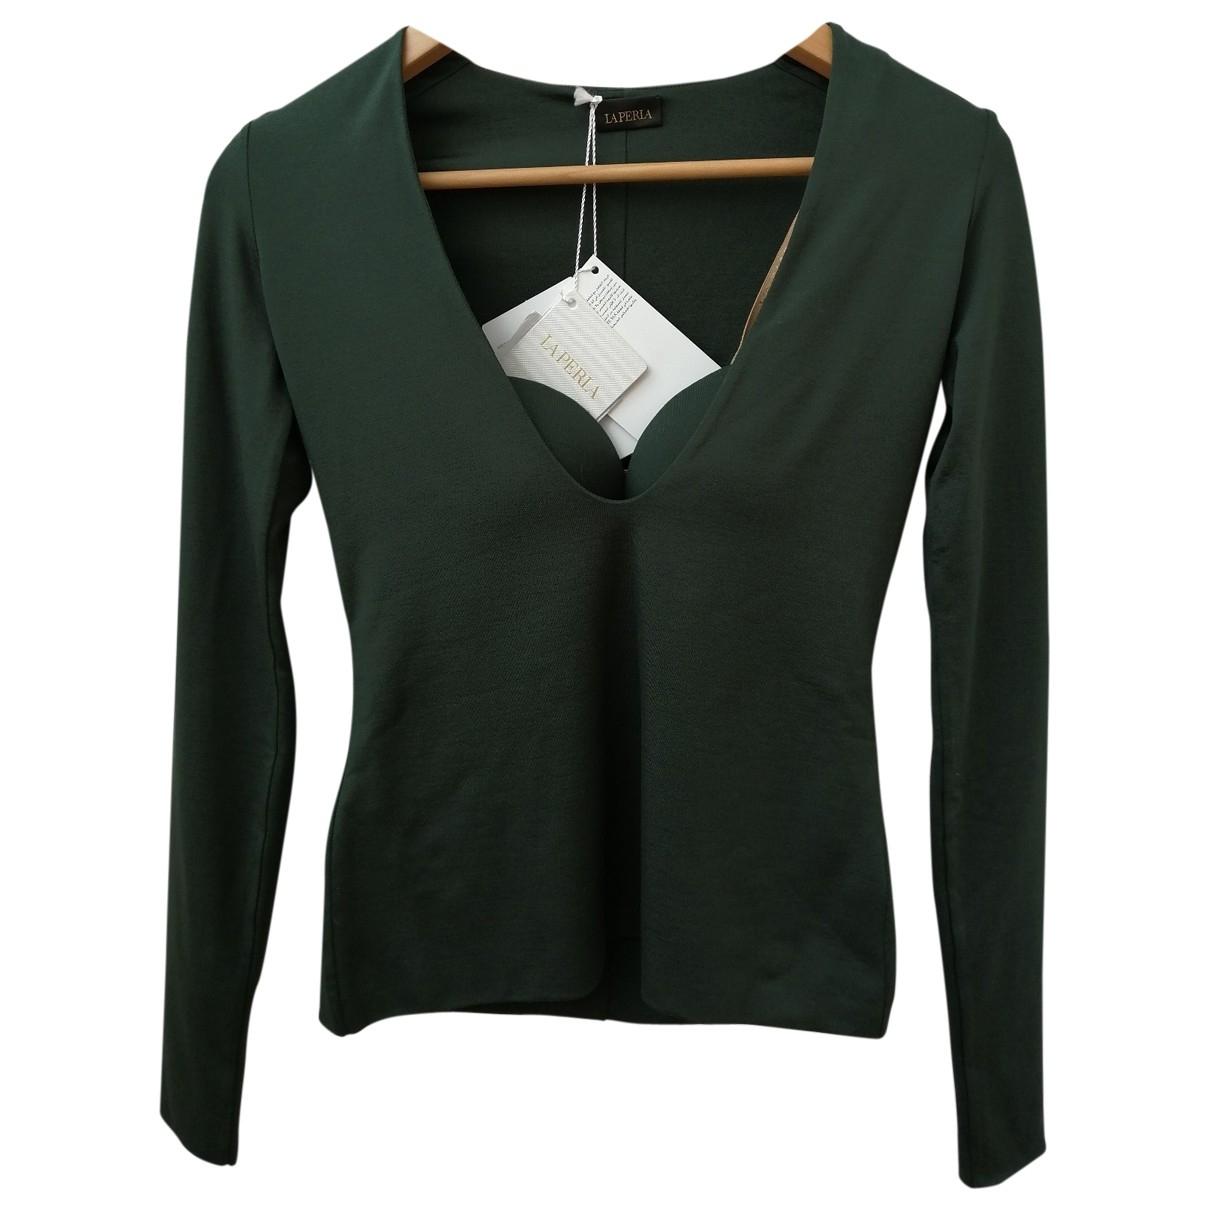 La Perla - Top   pour femme en soie - vert